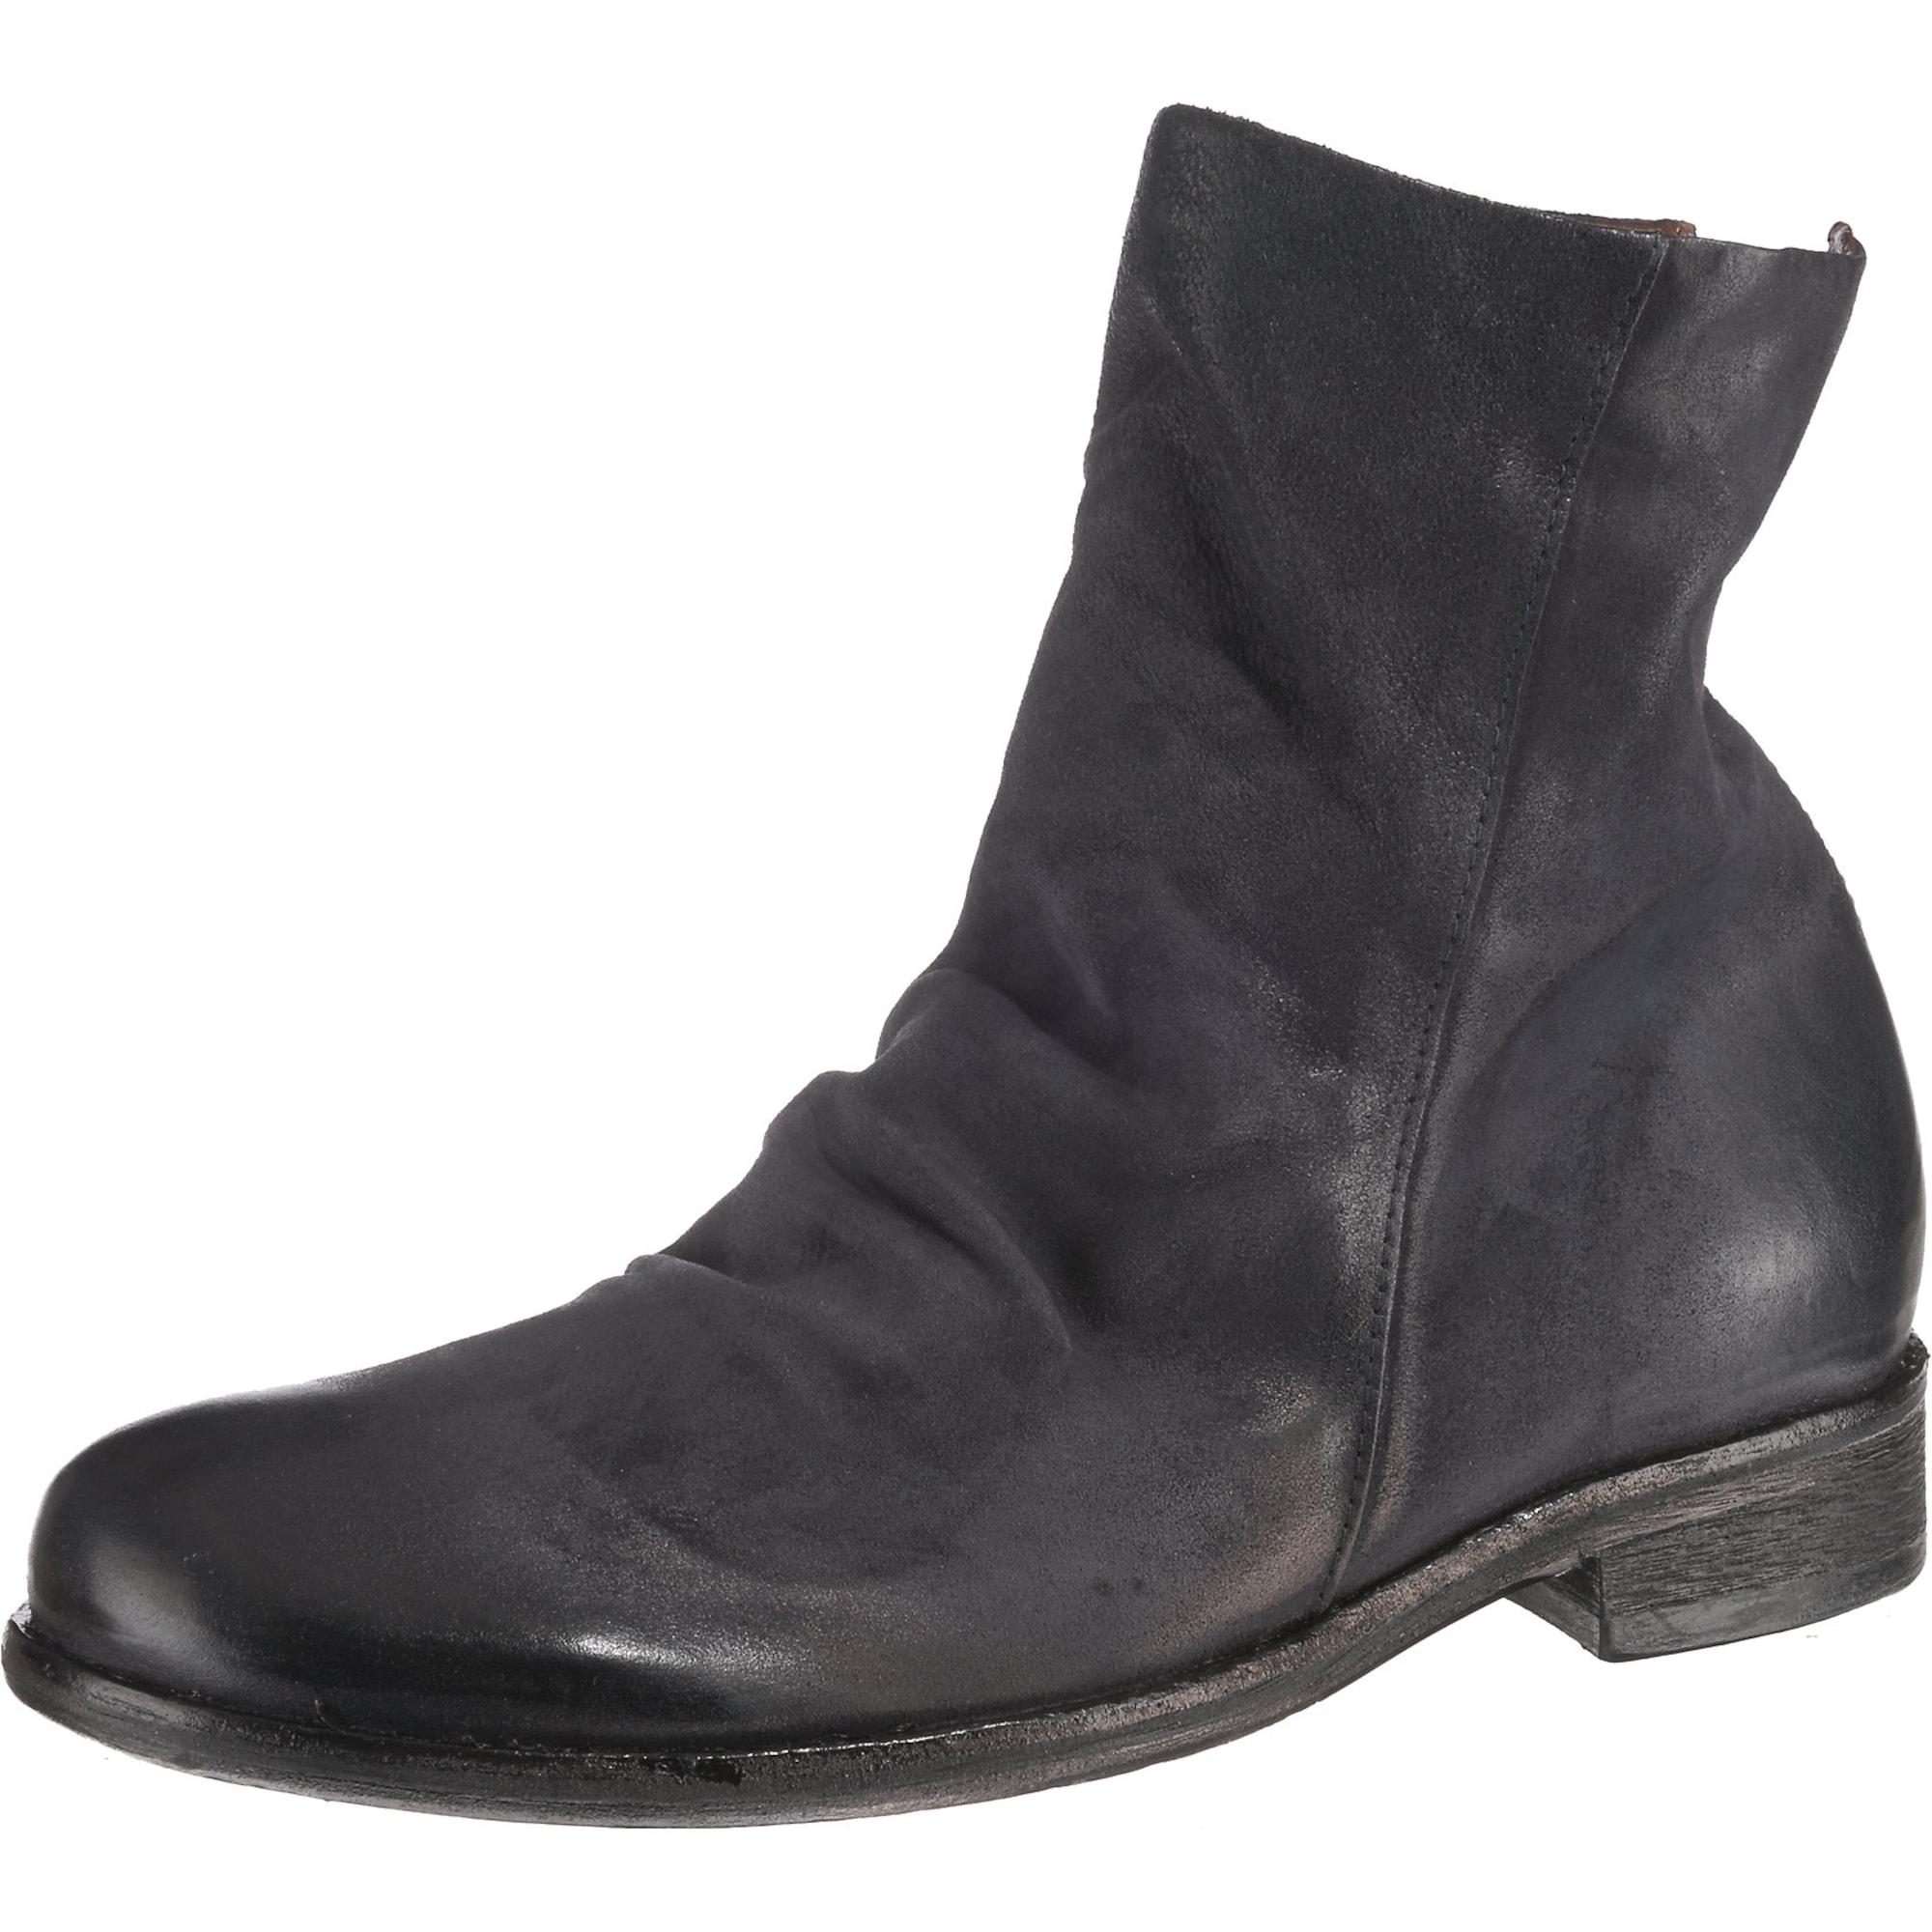 Stiefel | Schuhe | a.s.98